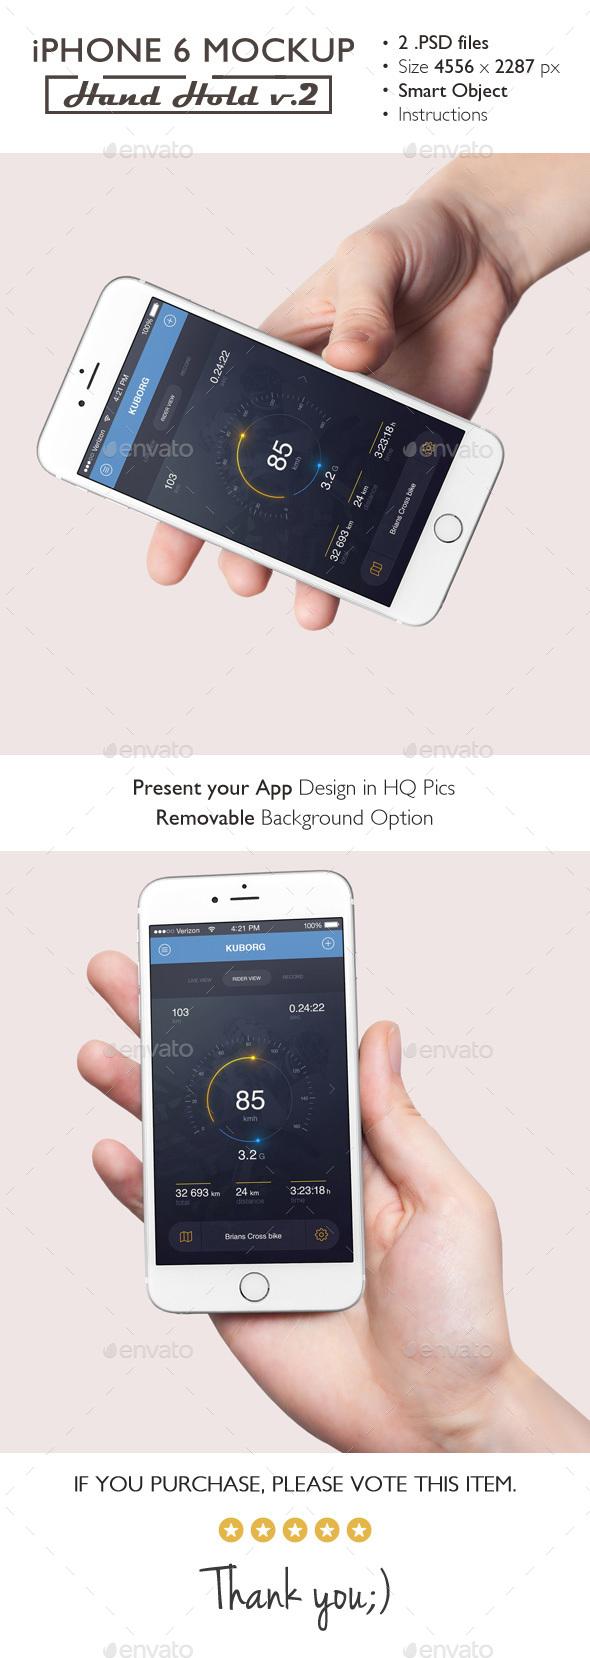 iPhone 6 Mockup Hand Hold v.2 - Mobile Displays